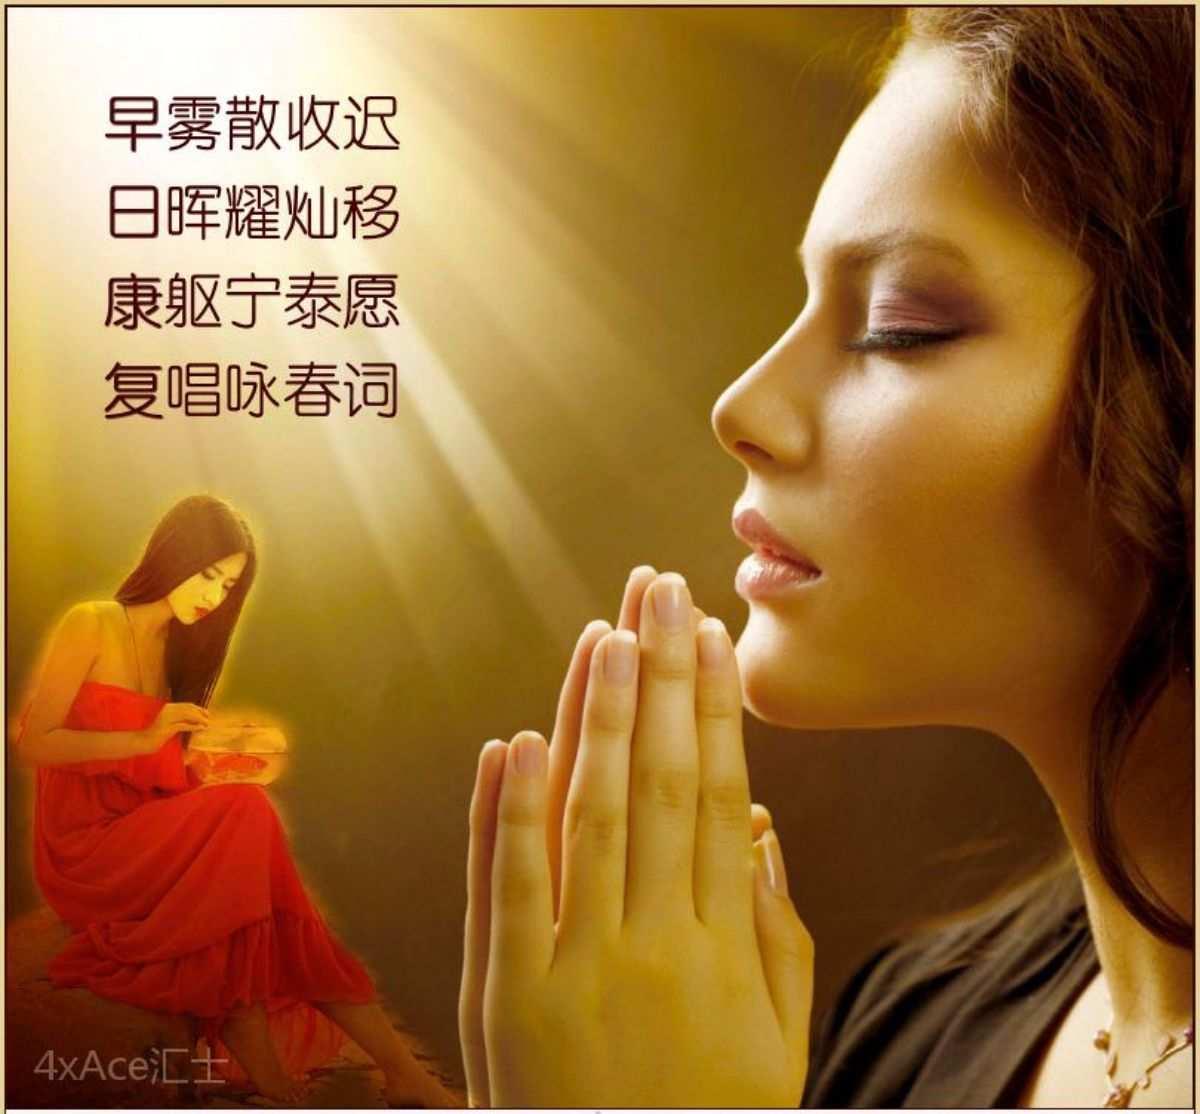 【原诗为伊】五绝·祈愿 - 4xAce脉脉达 - 4xAce脉脉达